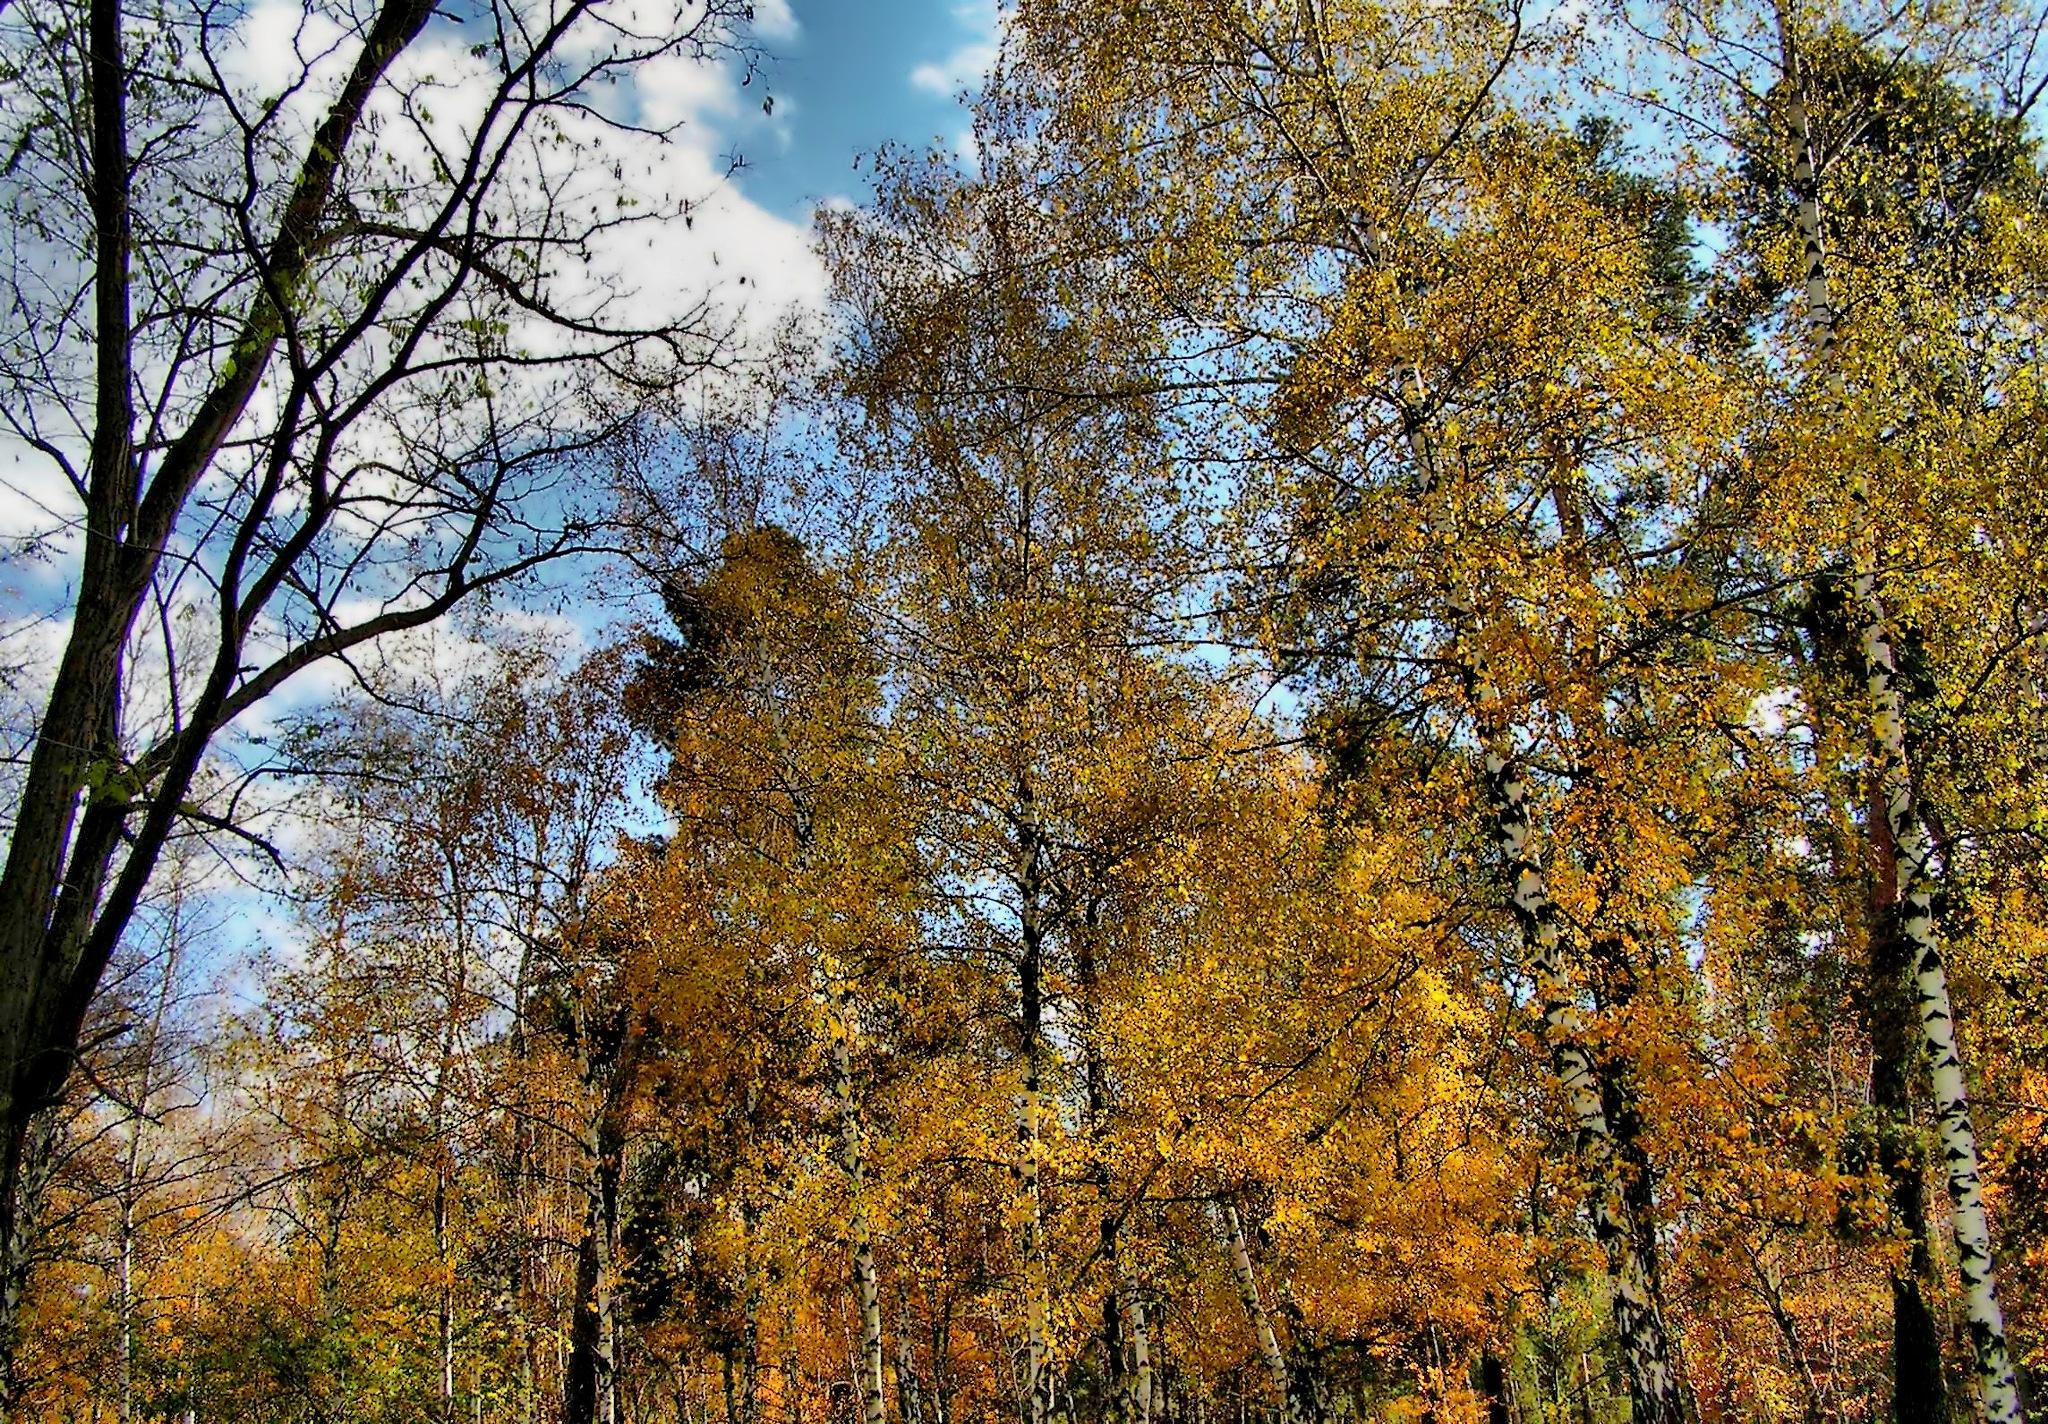 Autumn forest by natashaneit